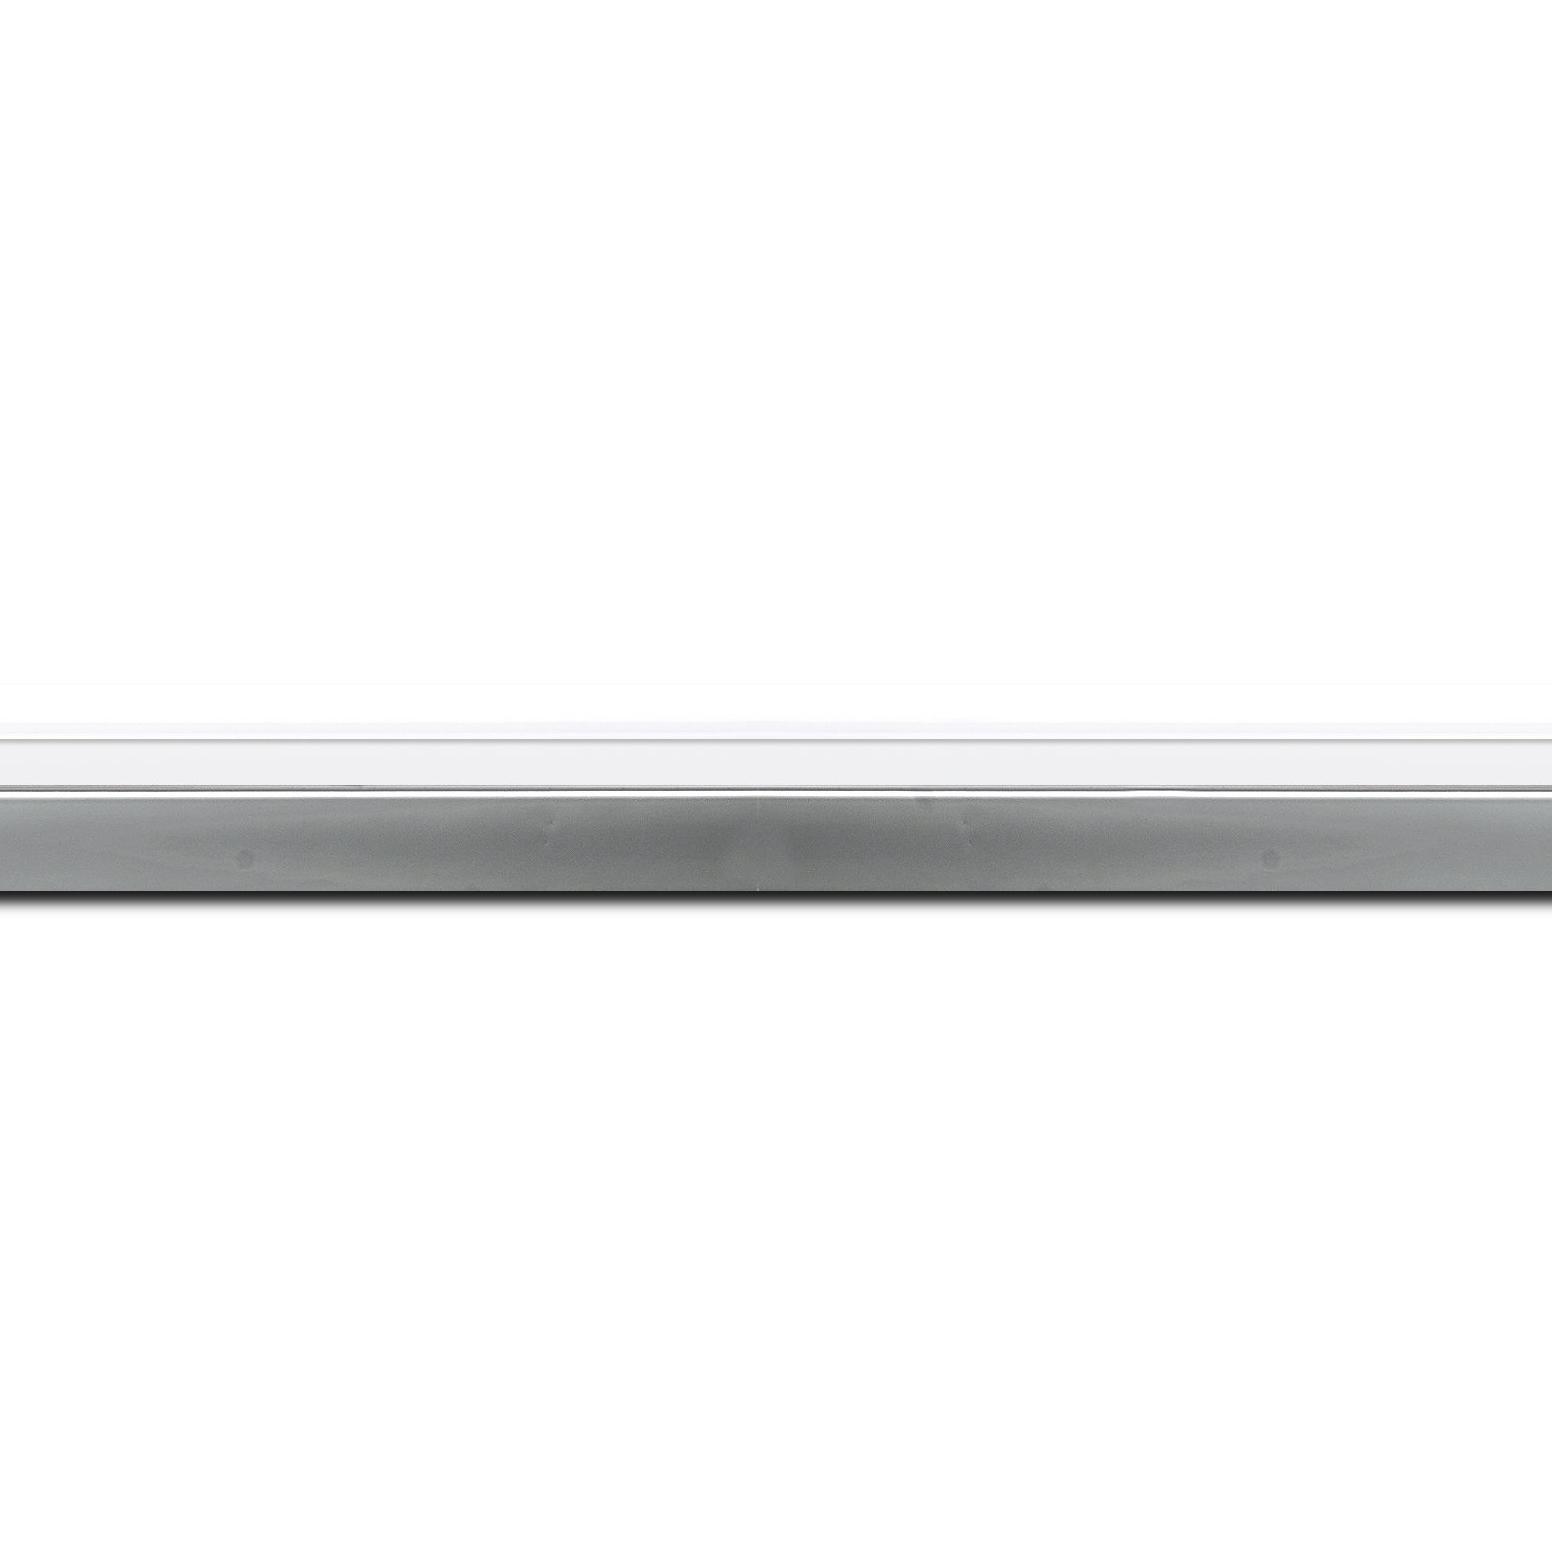 Pack par 12m, bois profil plat largeur 2.4cm  argent chromé couleur blanc extérieur (longueur baguette pouvant varier entre 2.40m et 3m selon arrivage des bois)